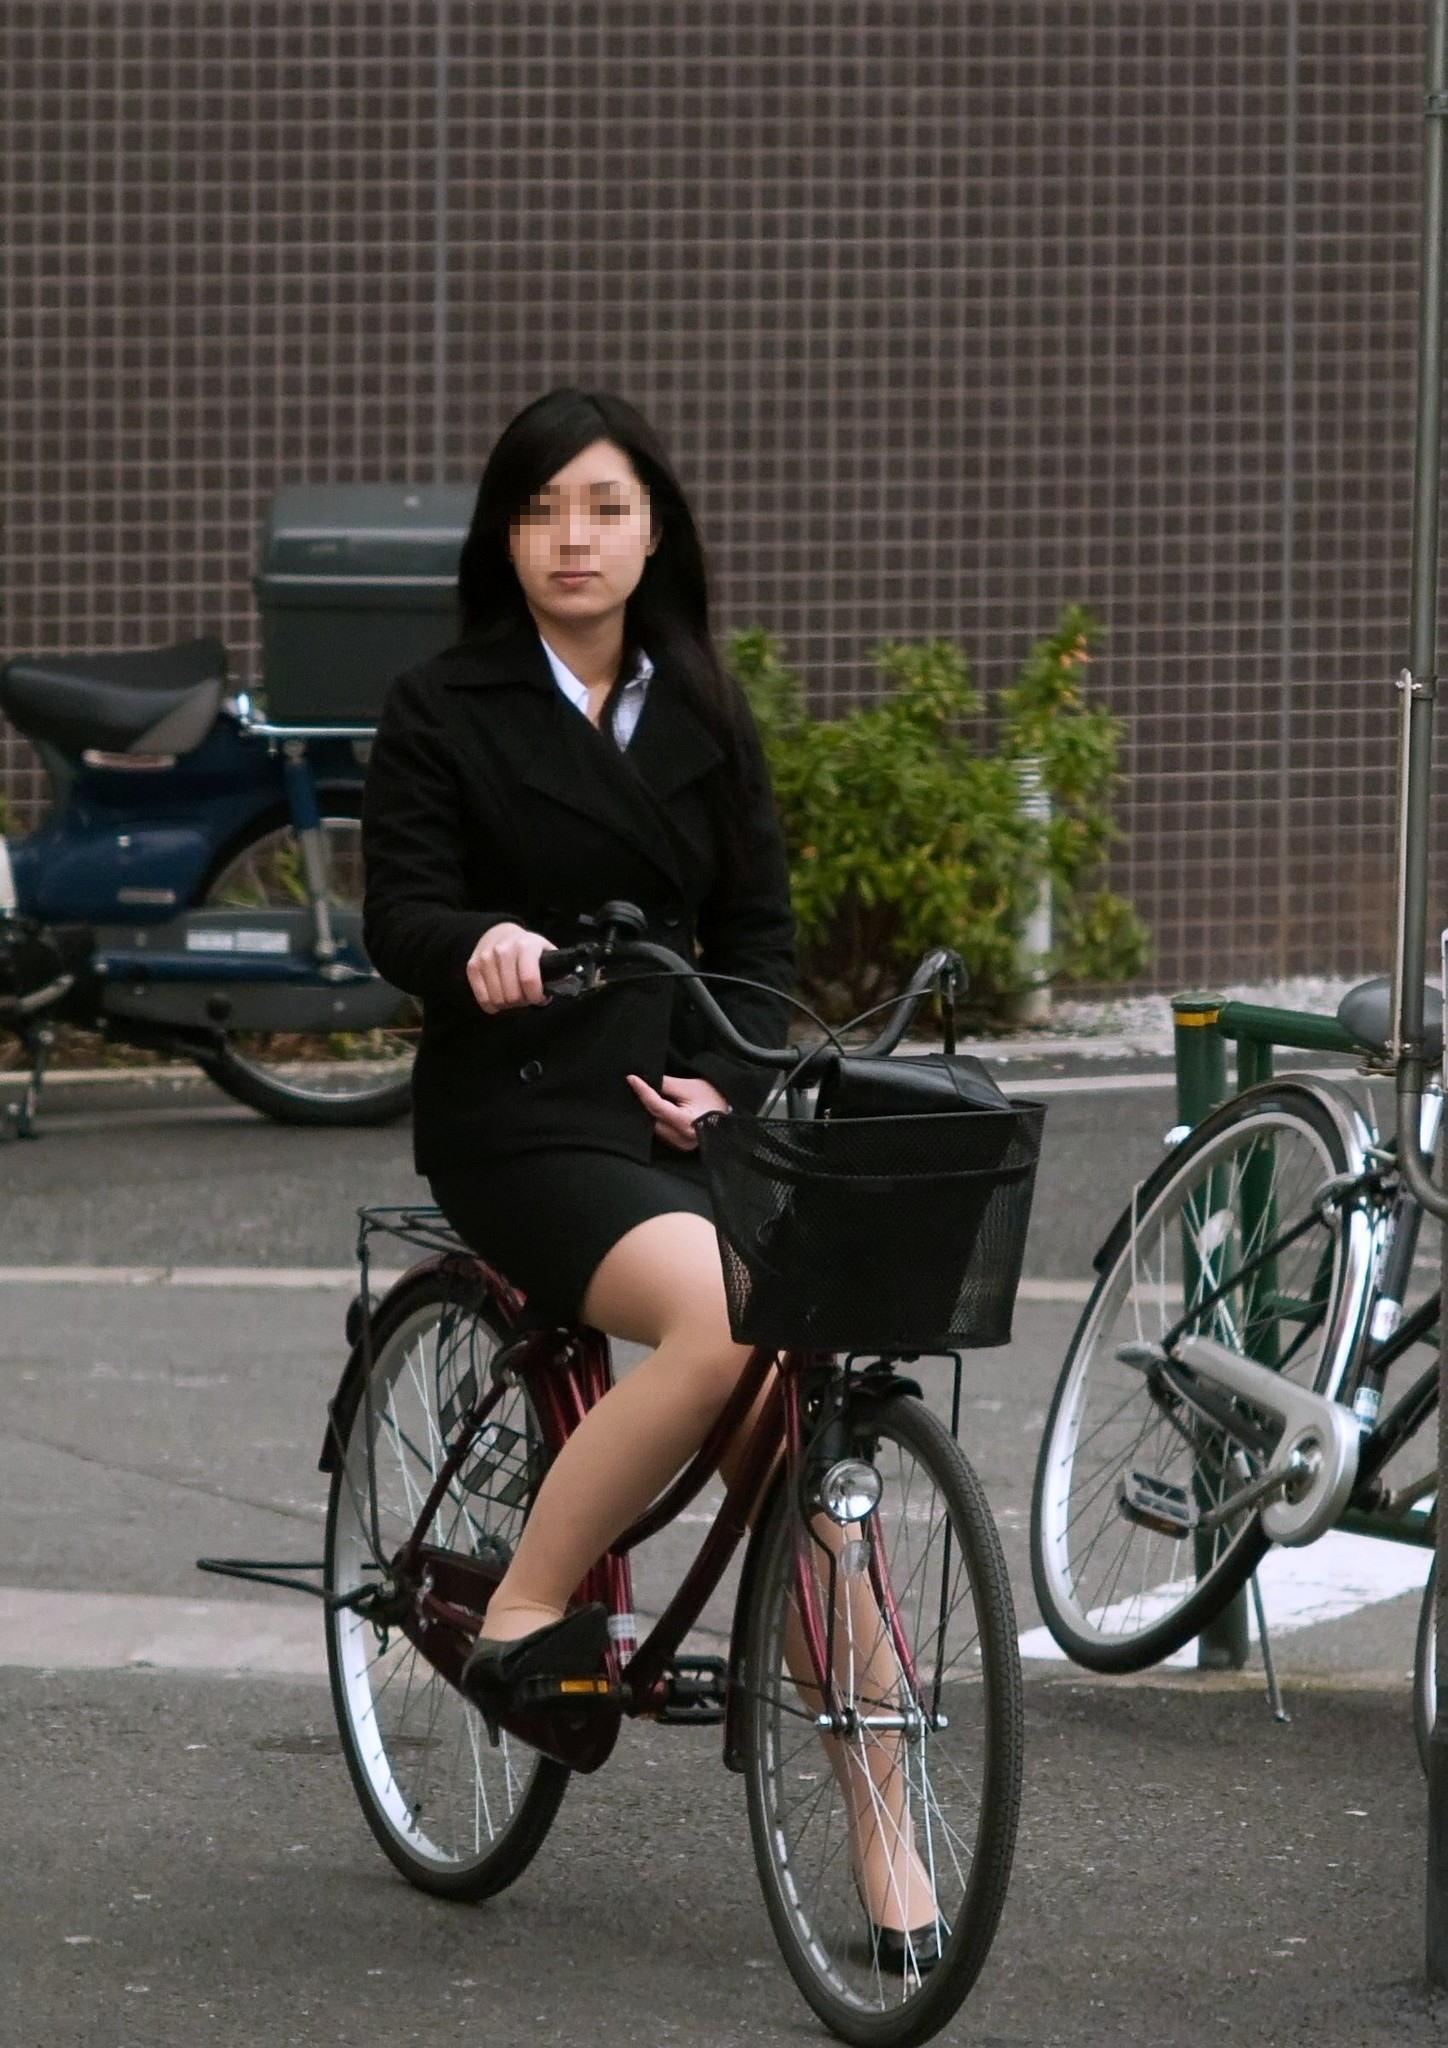 OL_自転車_タイトスカート_盗撮_エロ画像_11